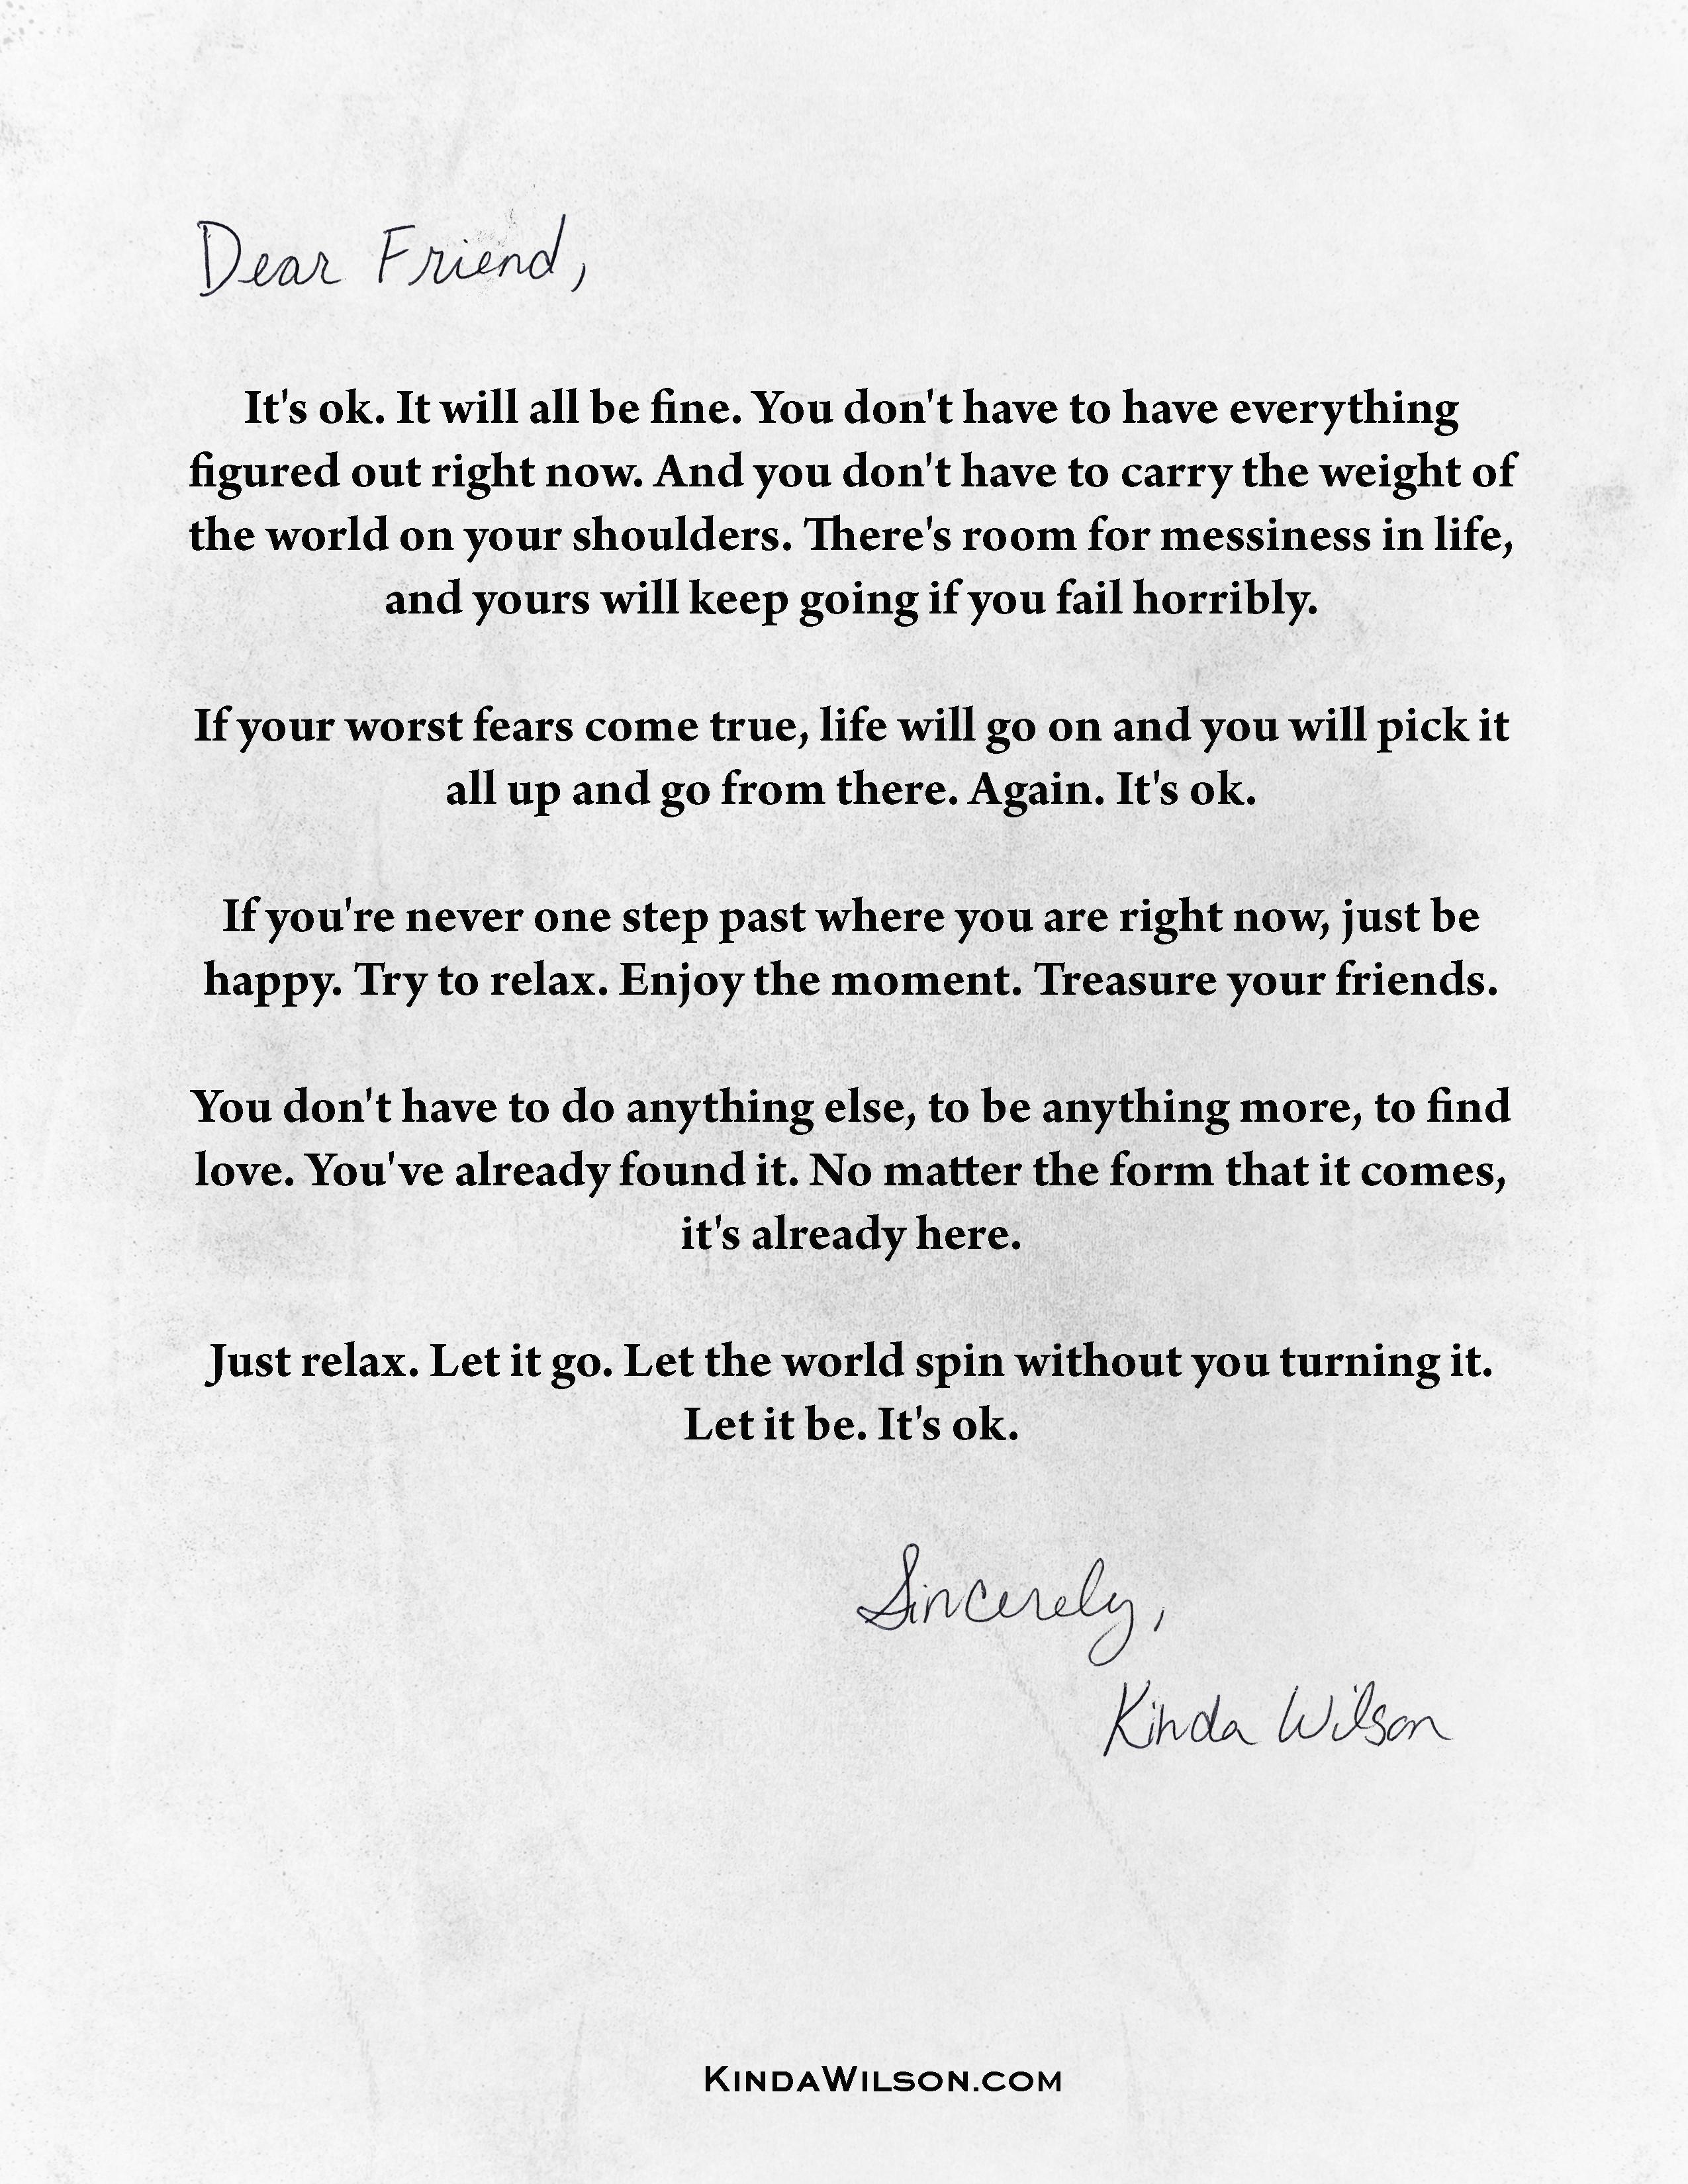 The Letter - Kinda Wilson